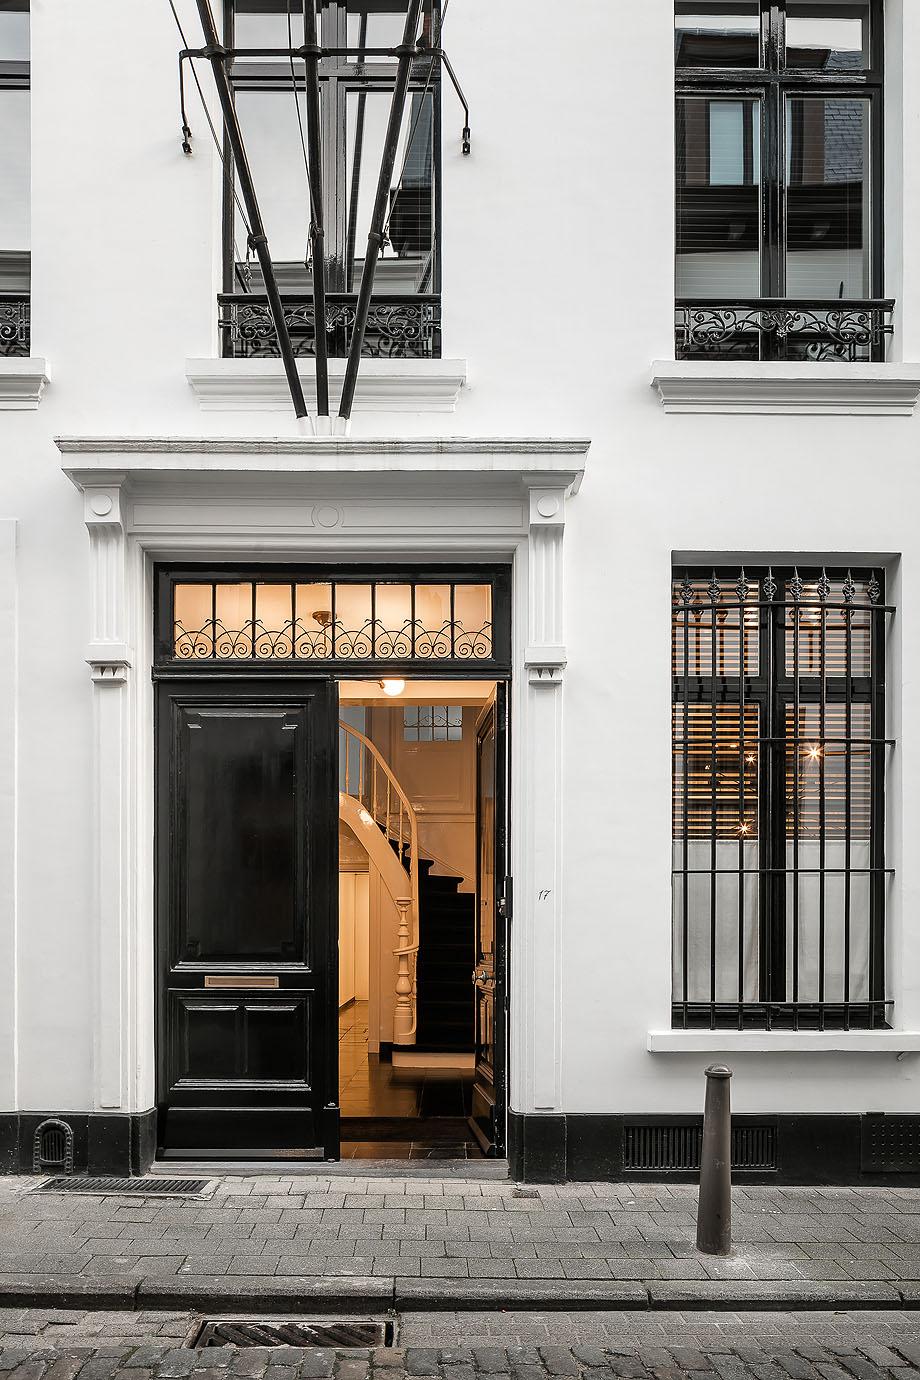 casa mk en amberes por nicolas schuybroek architects (19)